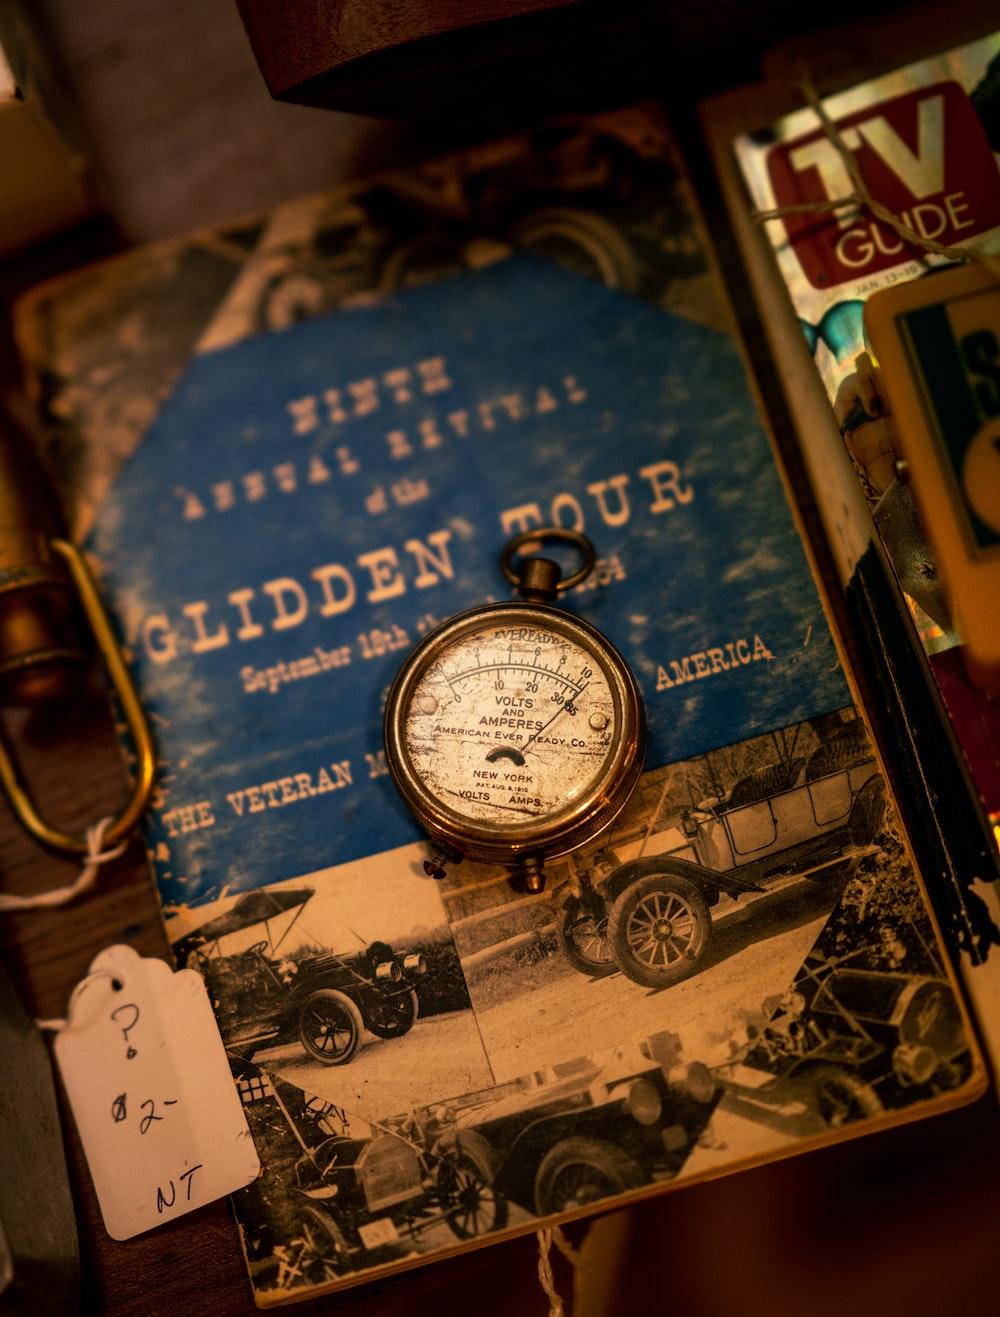 Glidden Tour book